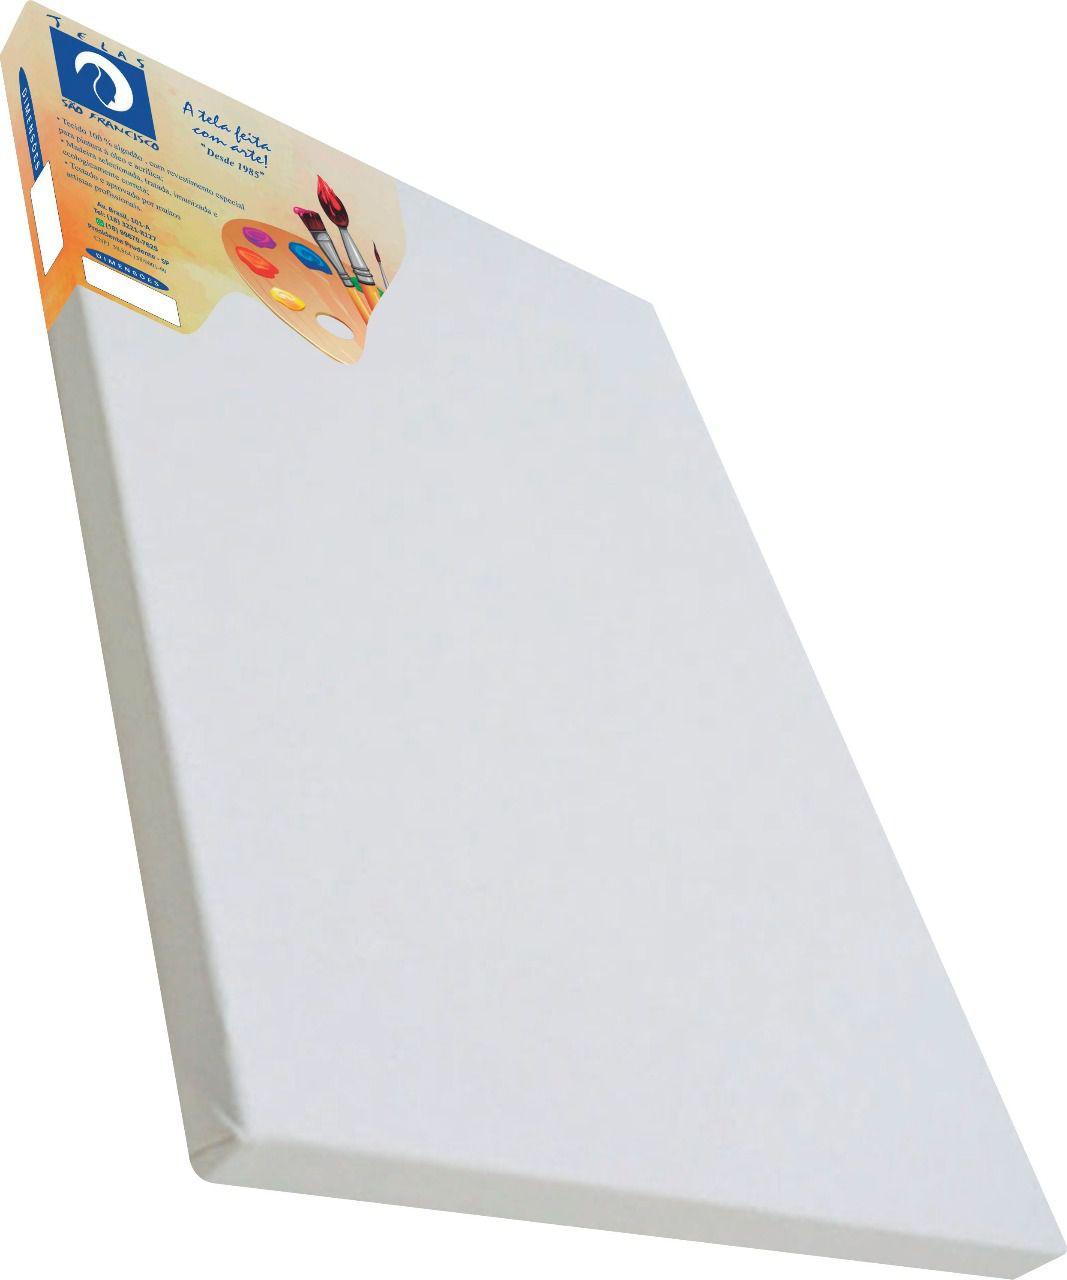 Tela comum para pintura 20x30cm - São Francisco